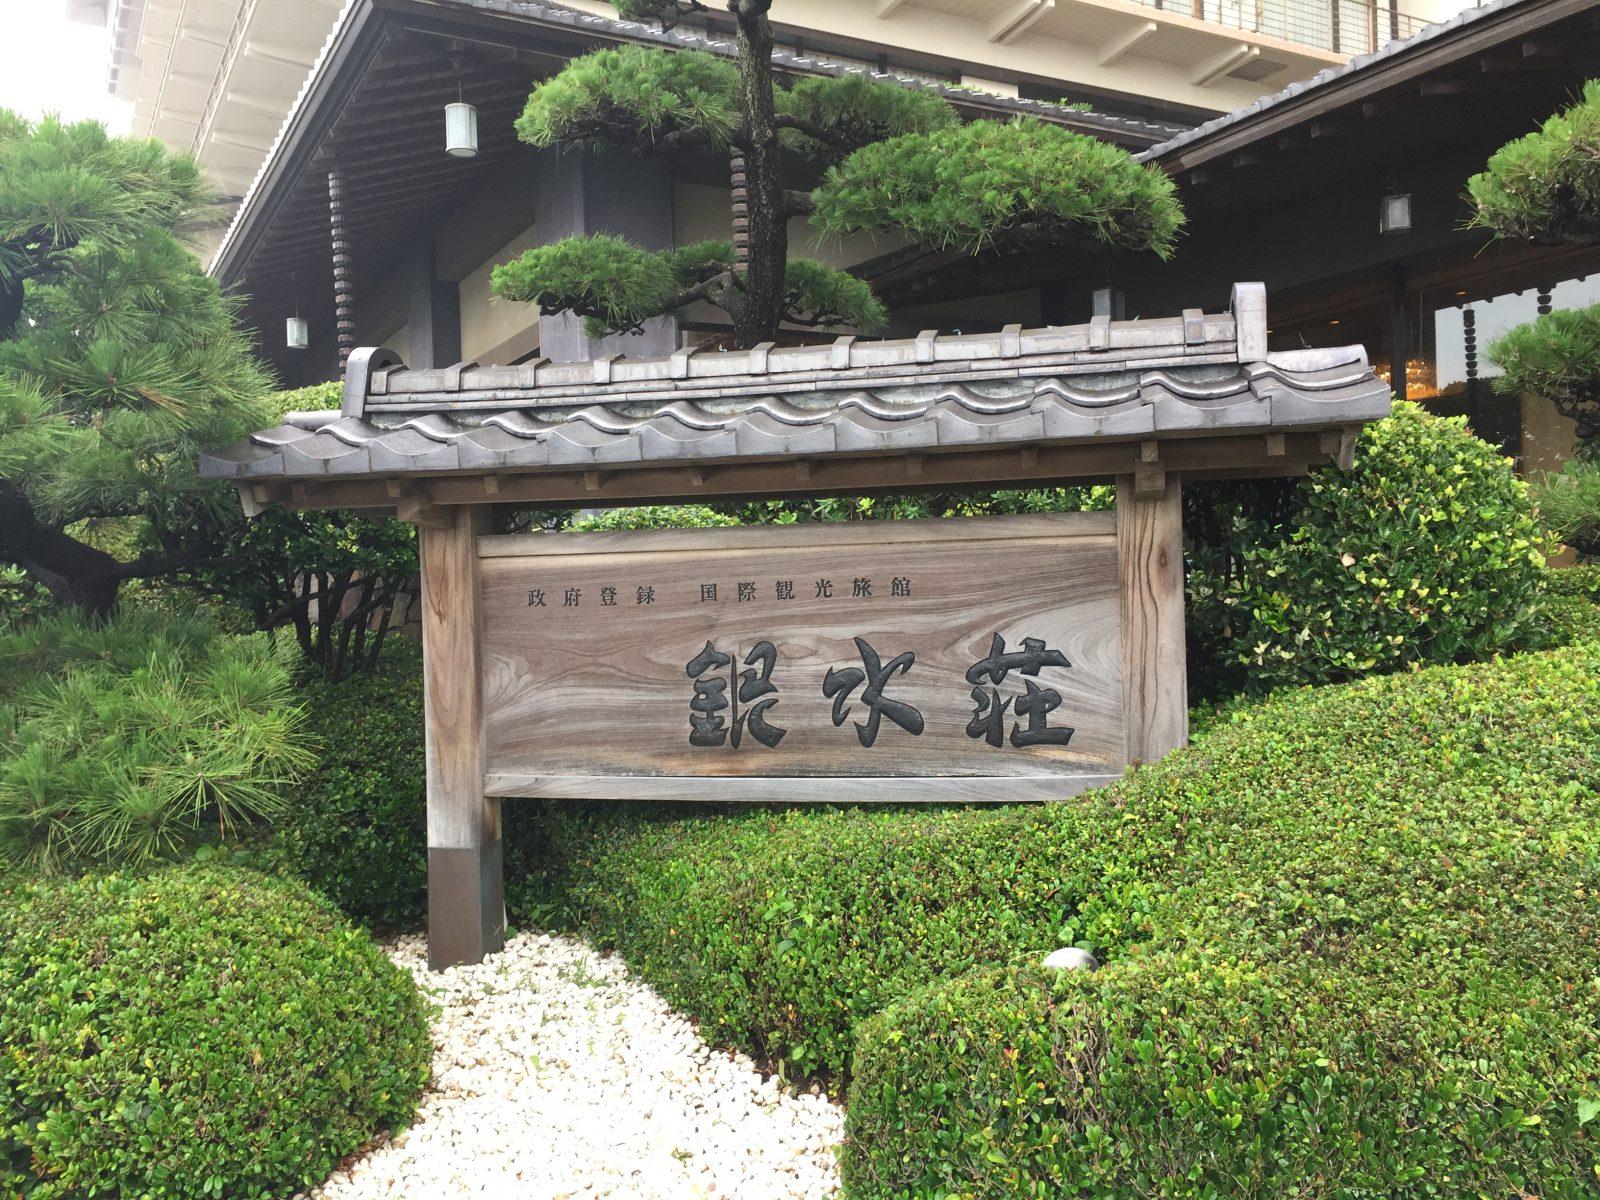 稲取銀水荘 銀の栞「雅楽」 宿泊記 その1